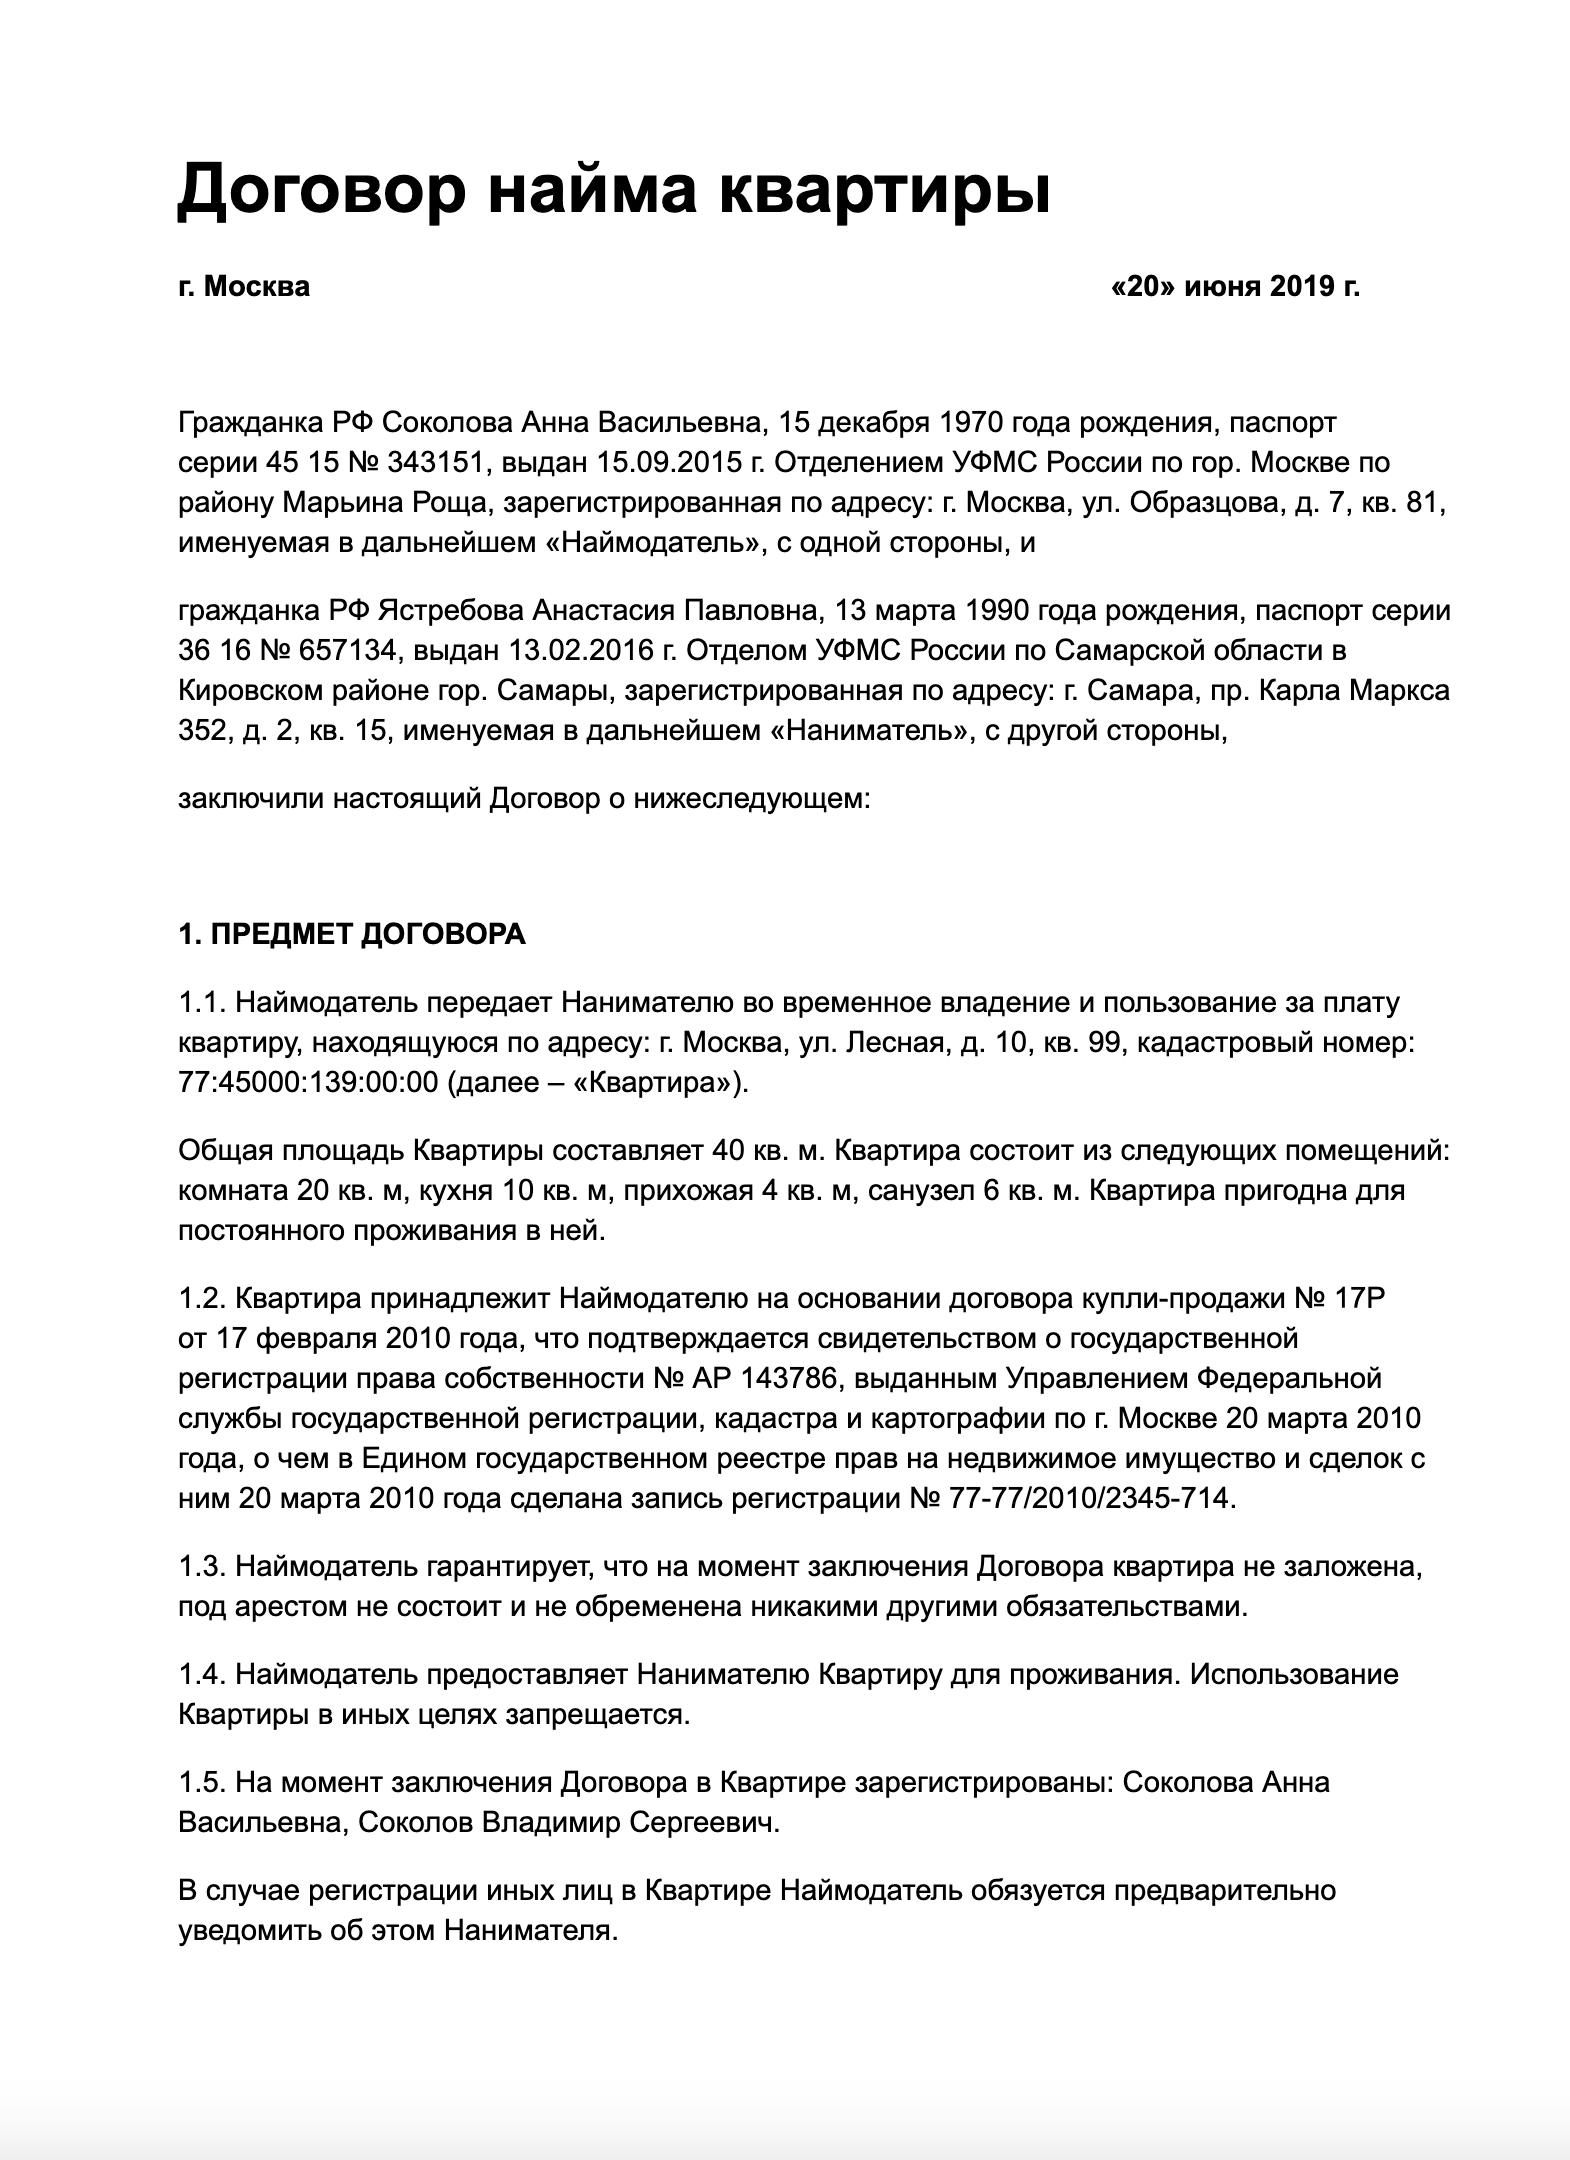 Заявление в ук на ремонт подъезда